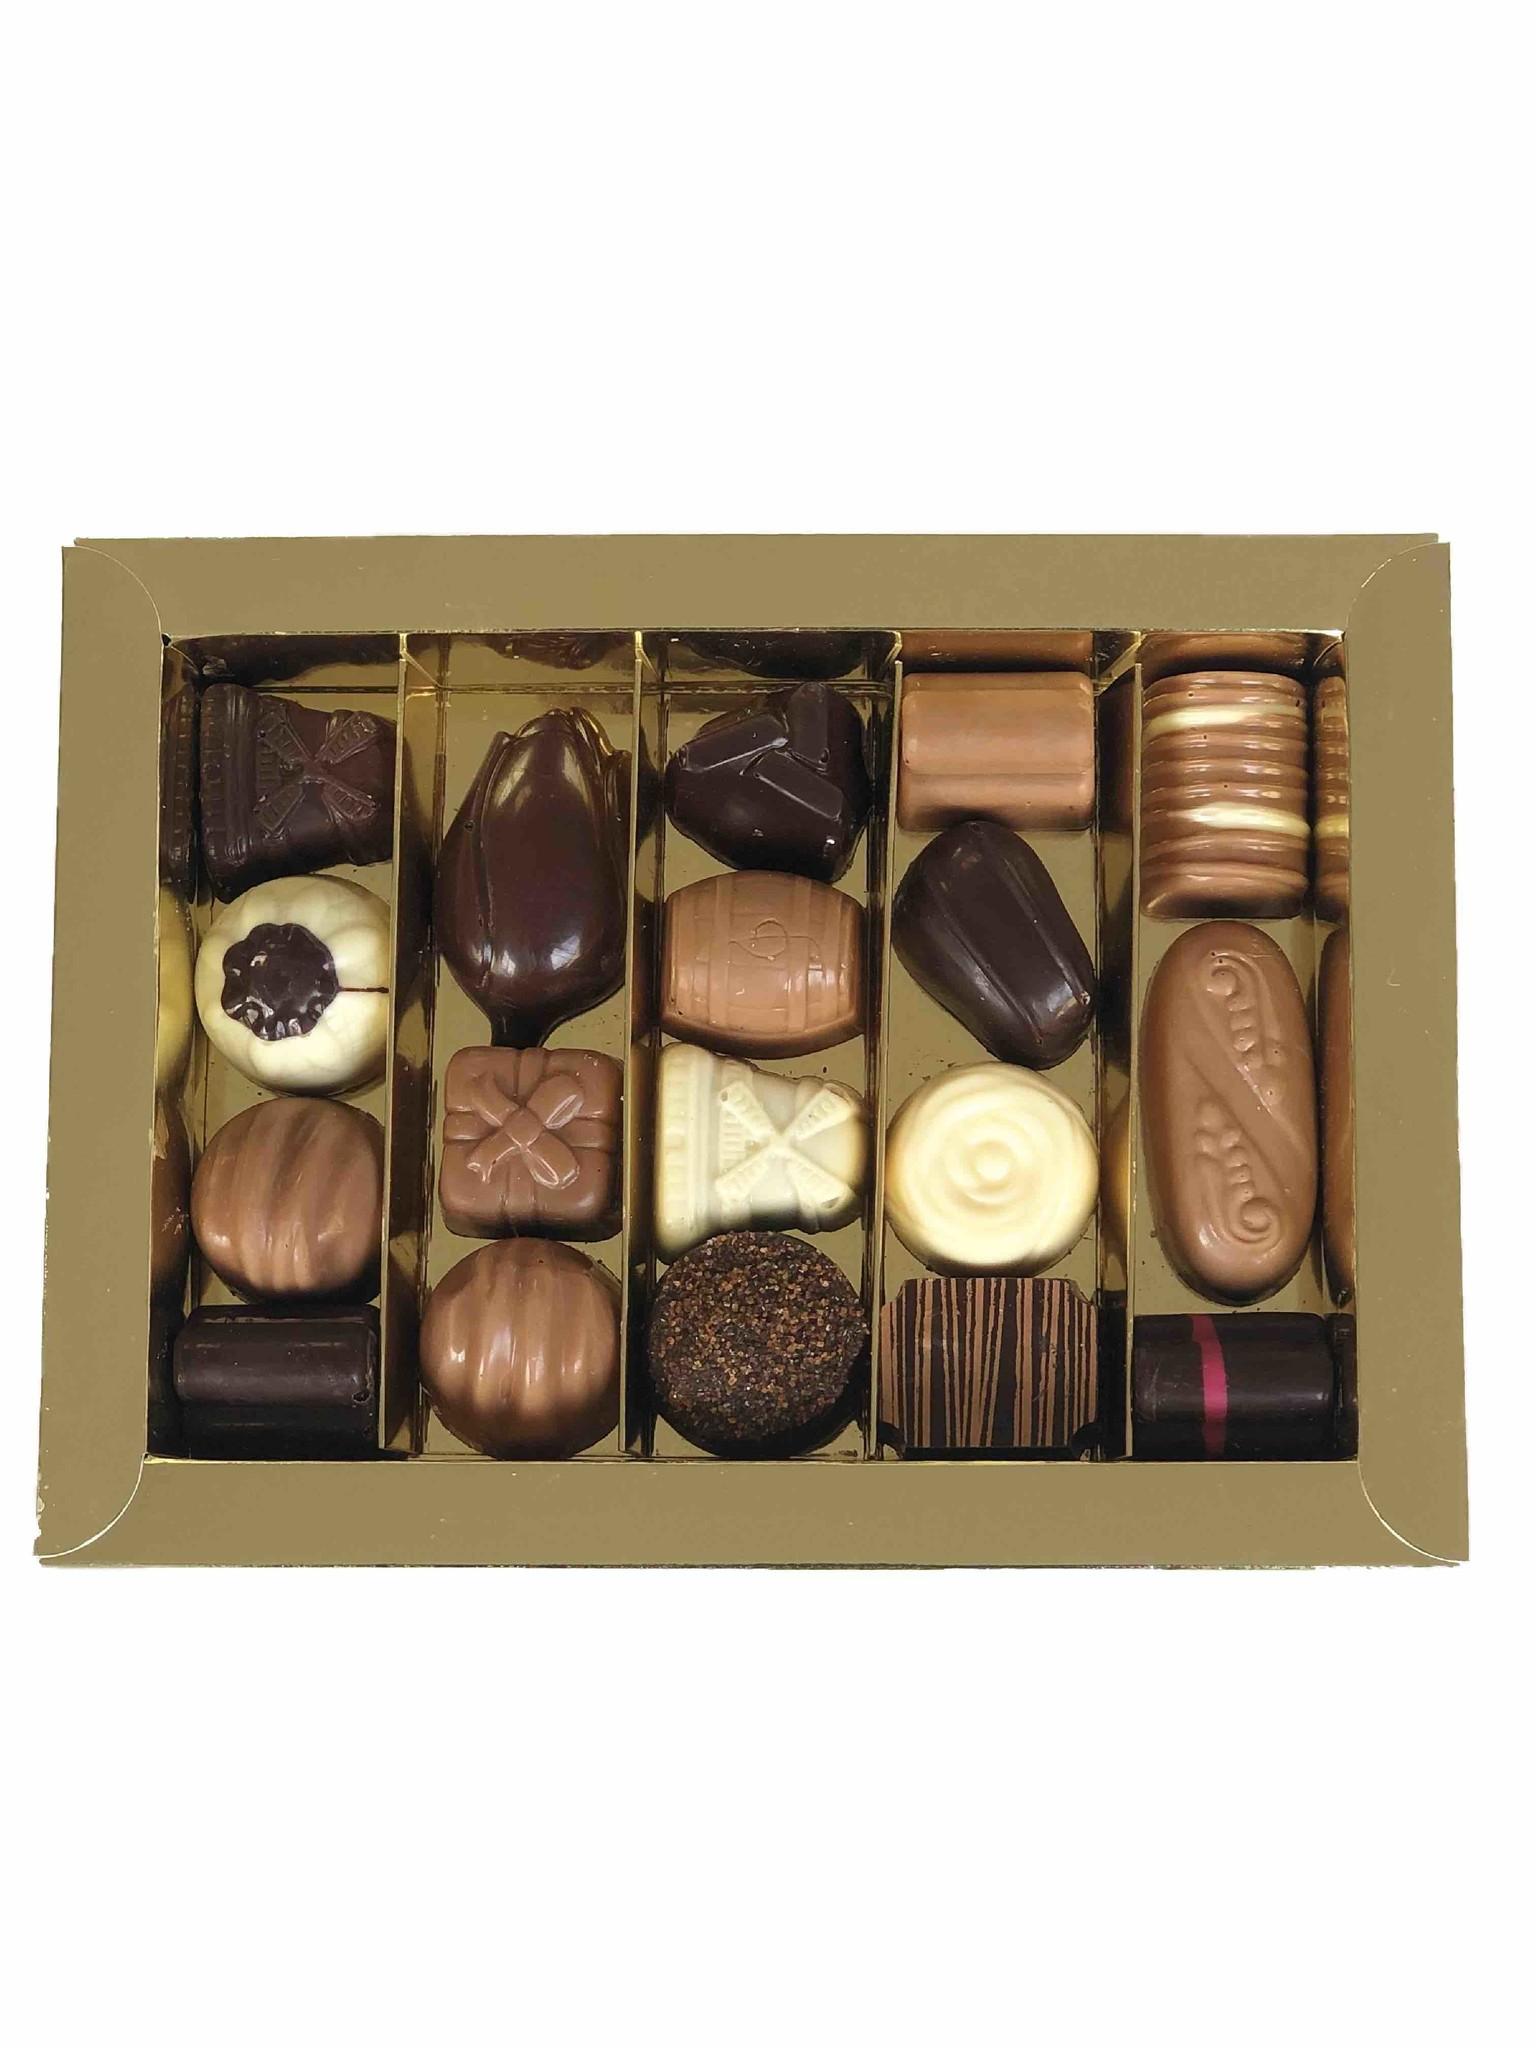 Middelgrote doos met diverse ambachtelijke bonbons